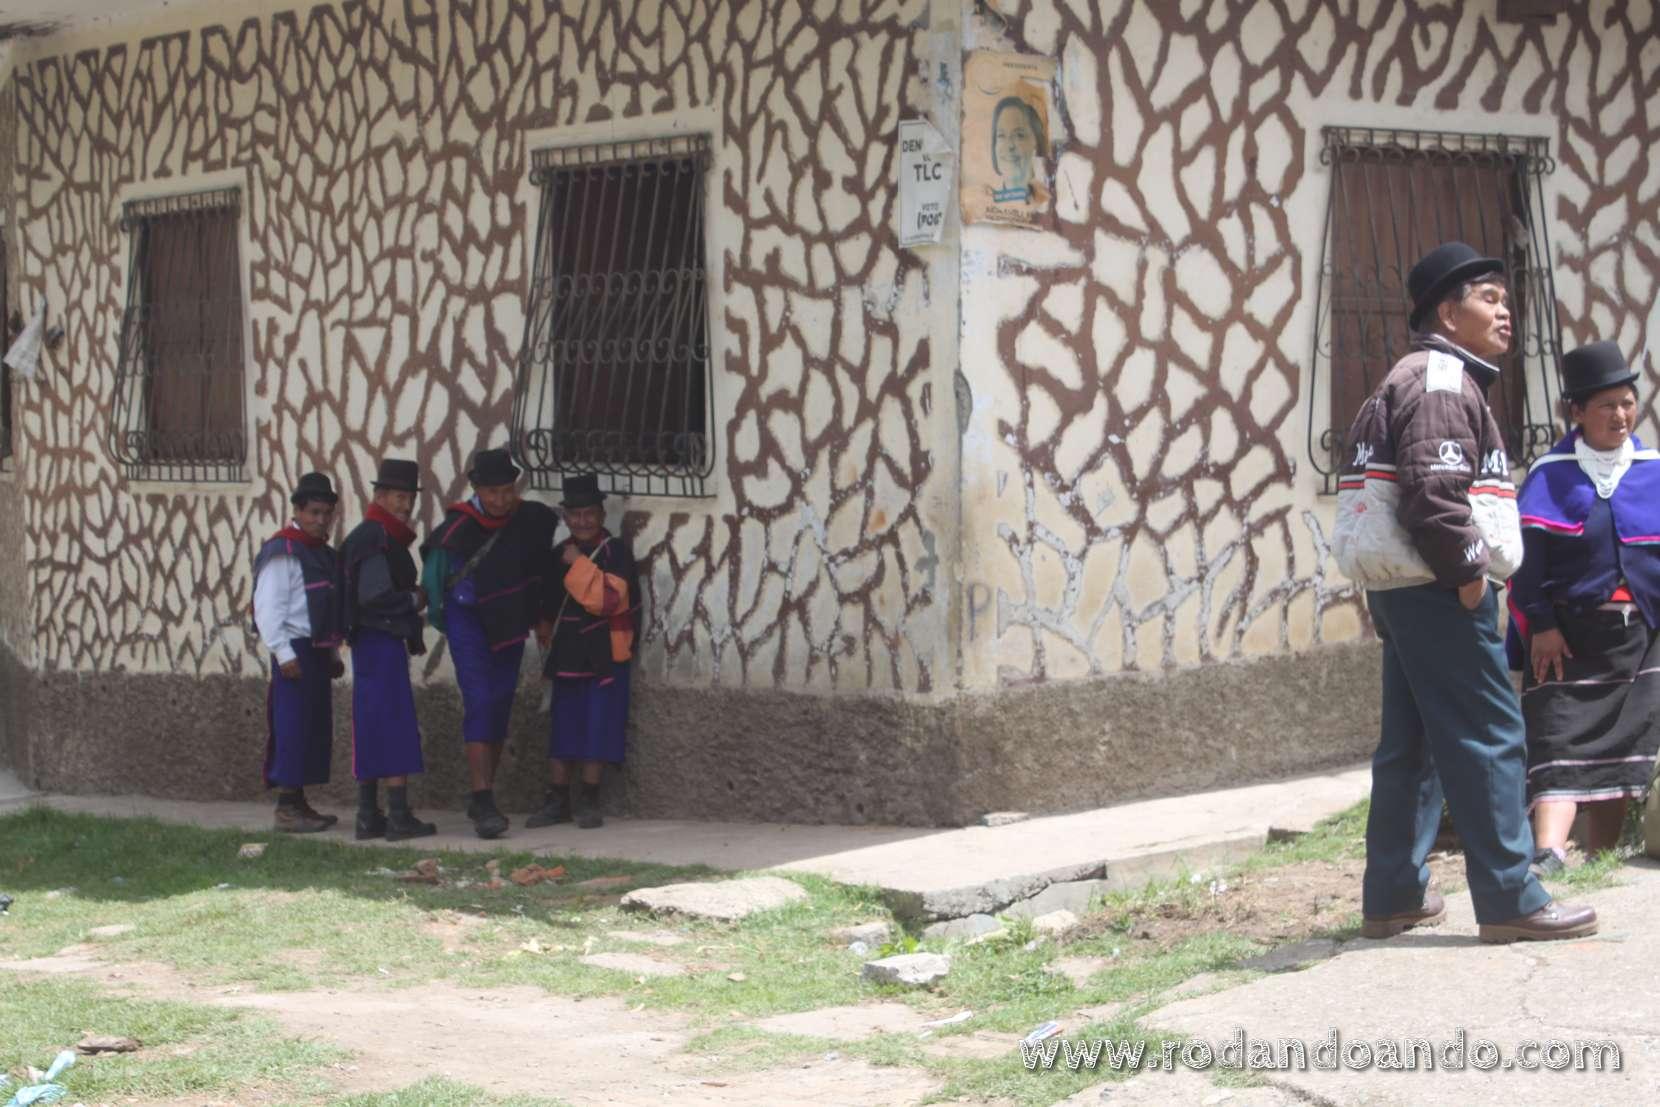 ya comenzamos a ver Guambianos con sus tipicas faldas azules